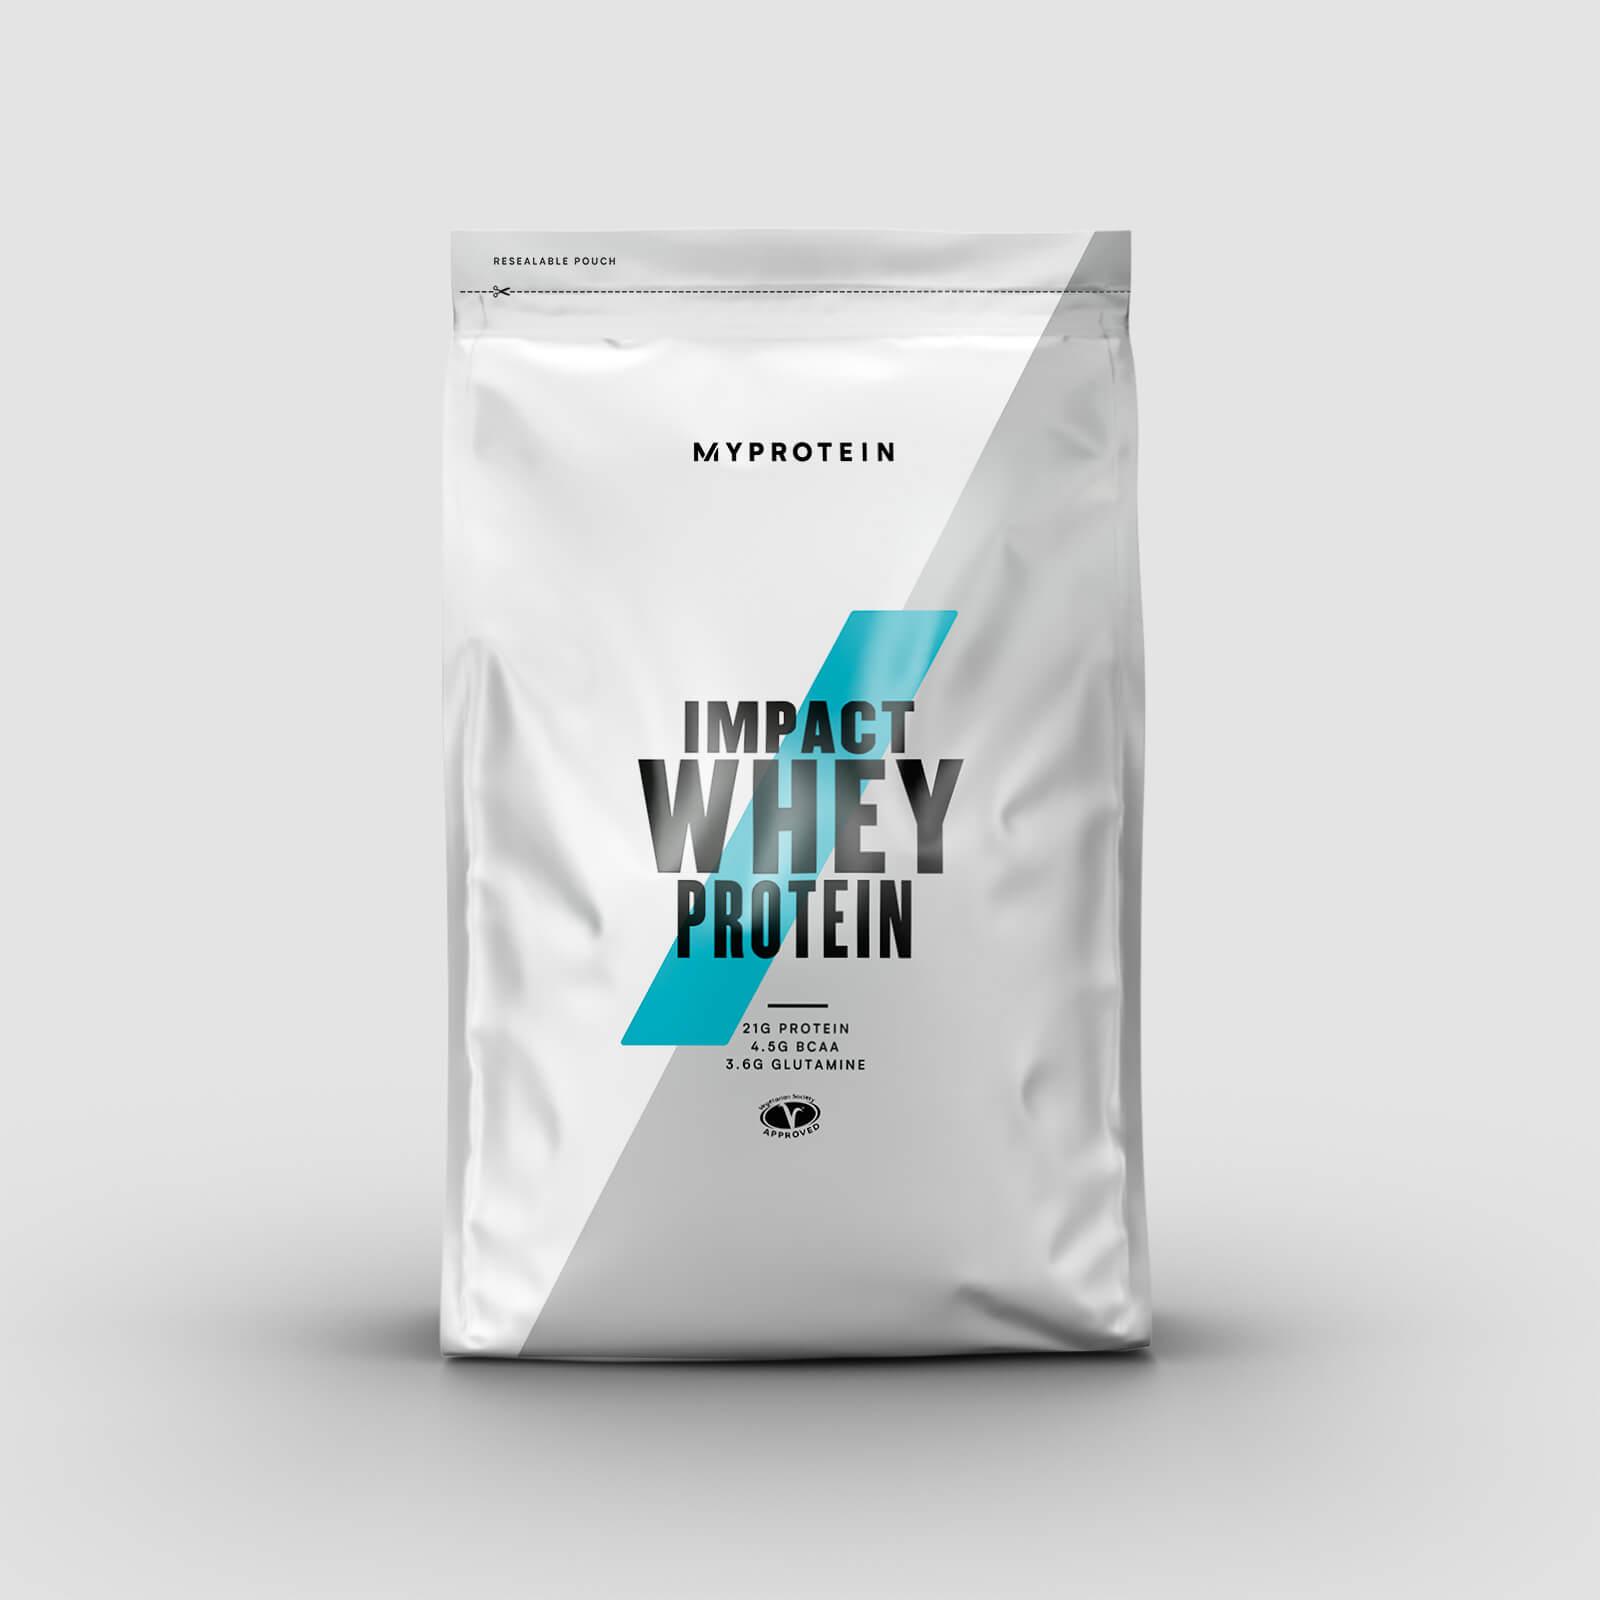 Myprotein Impact Whey Protein - 1kg - Stevia - Fruits des Bois